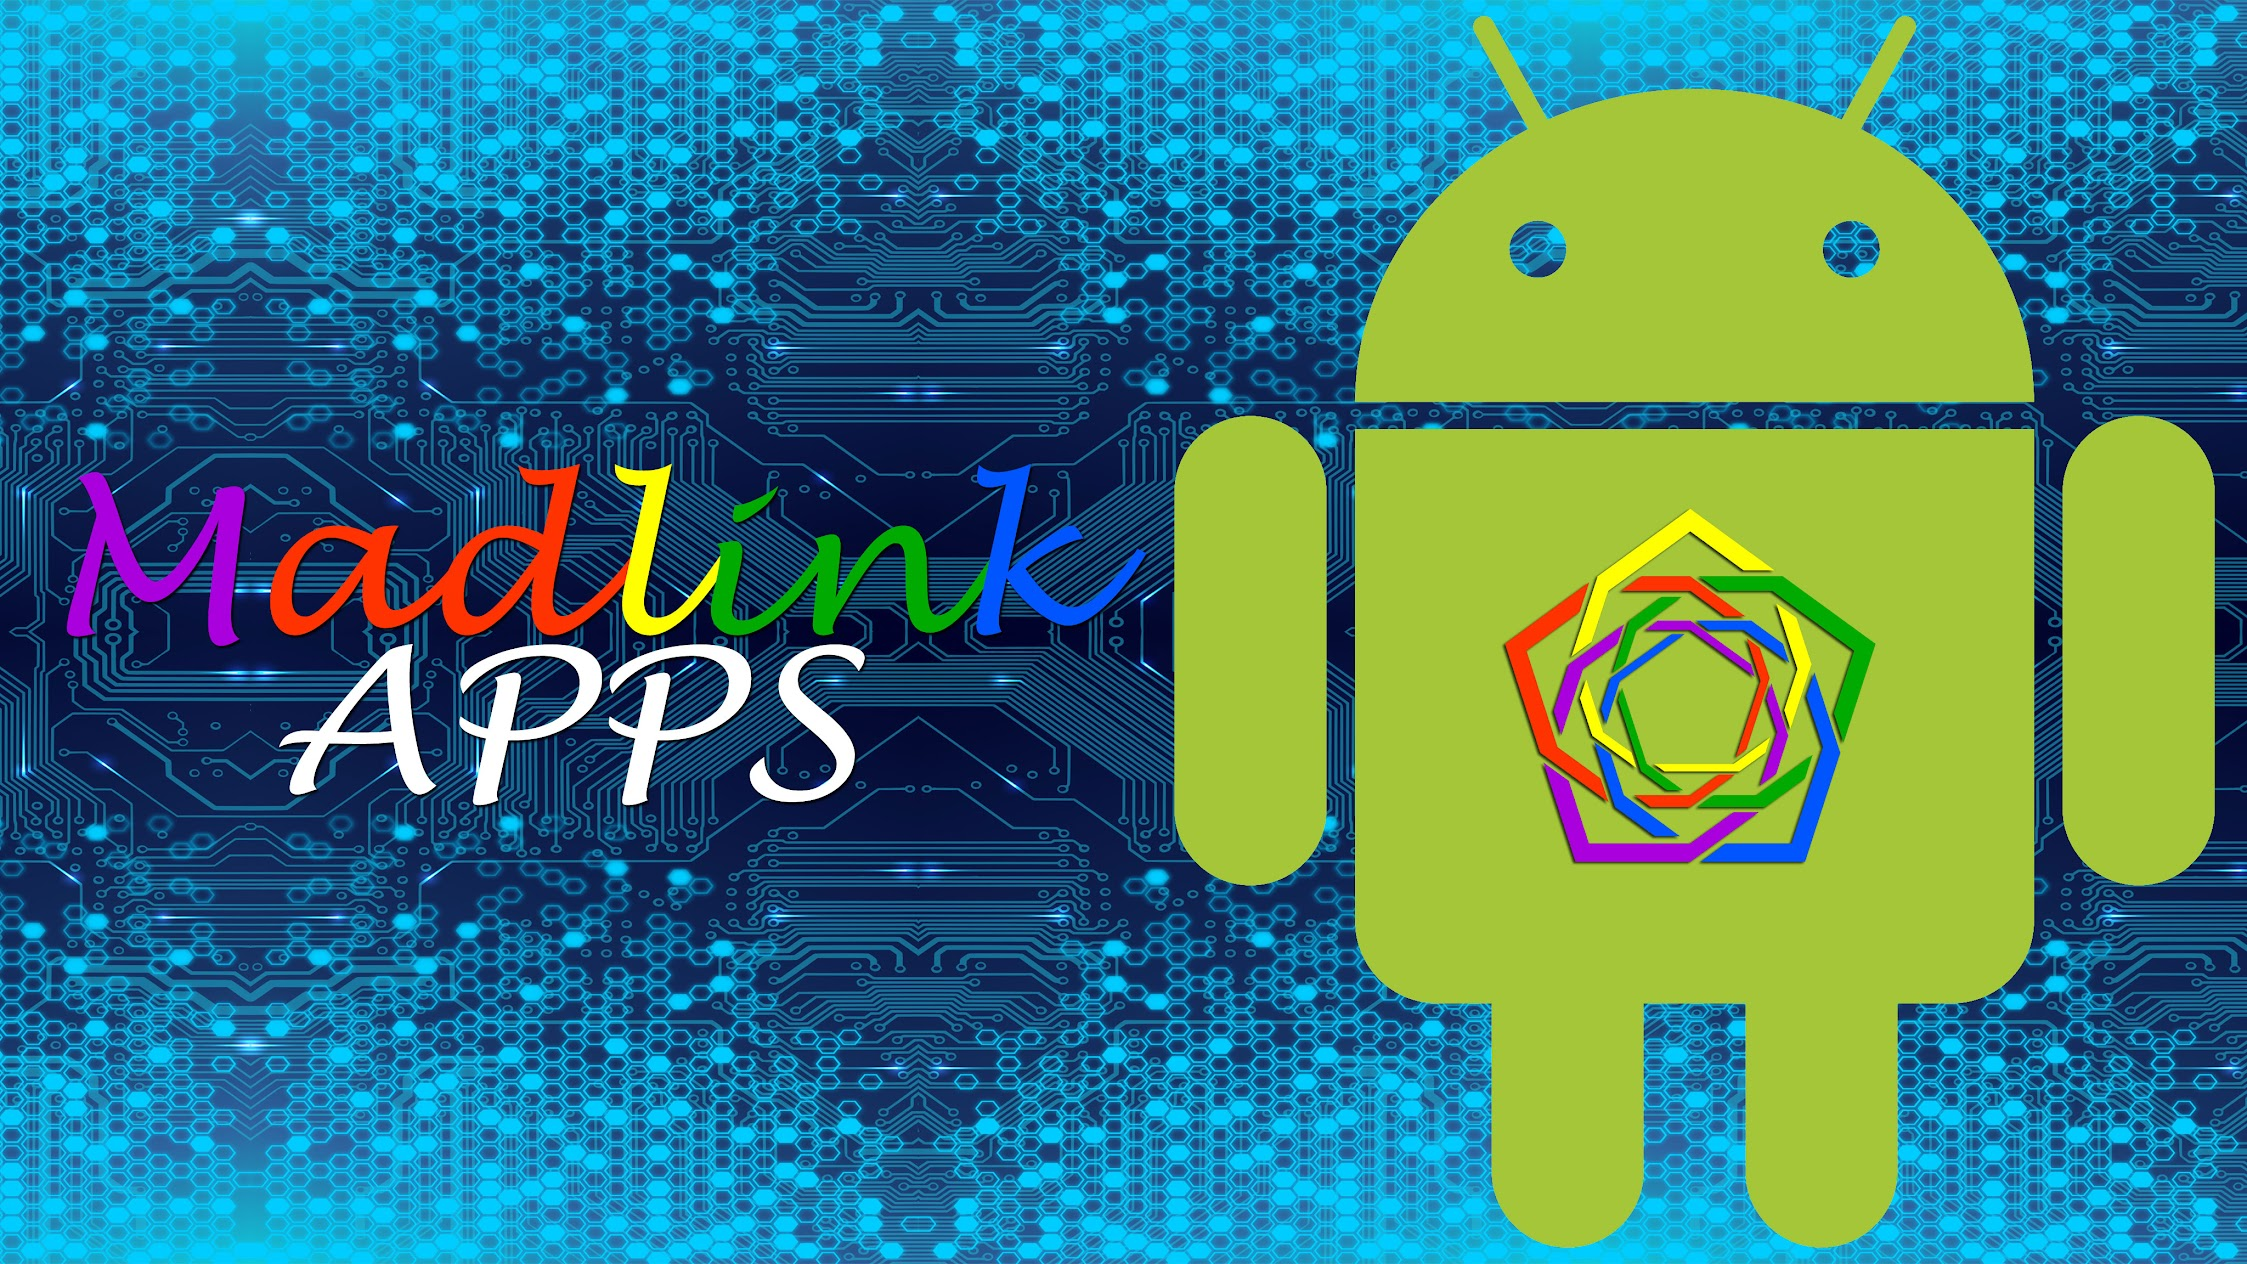 Madlink Apps